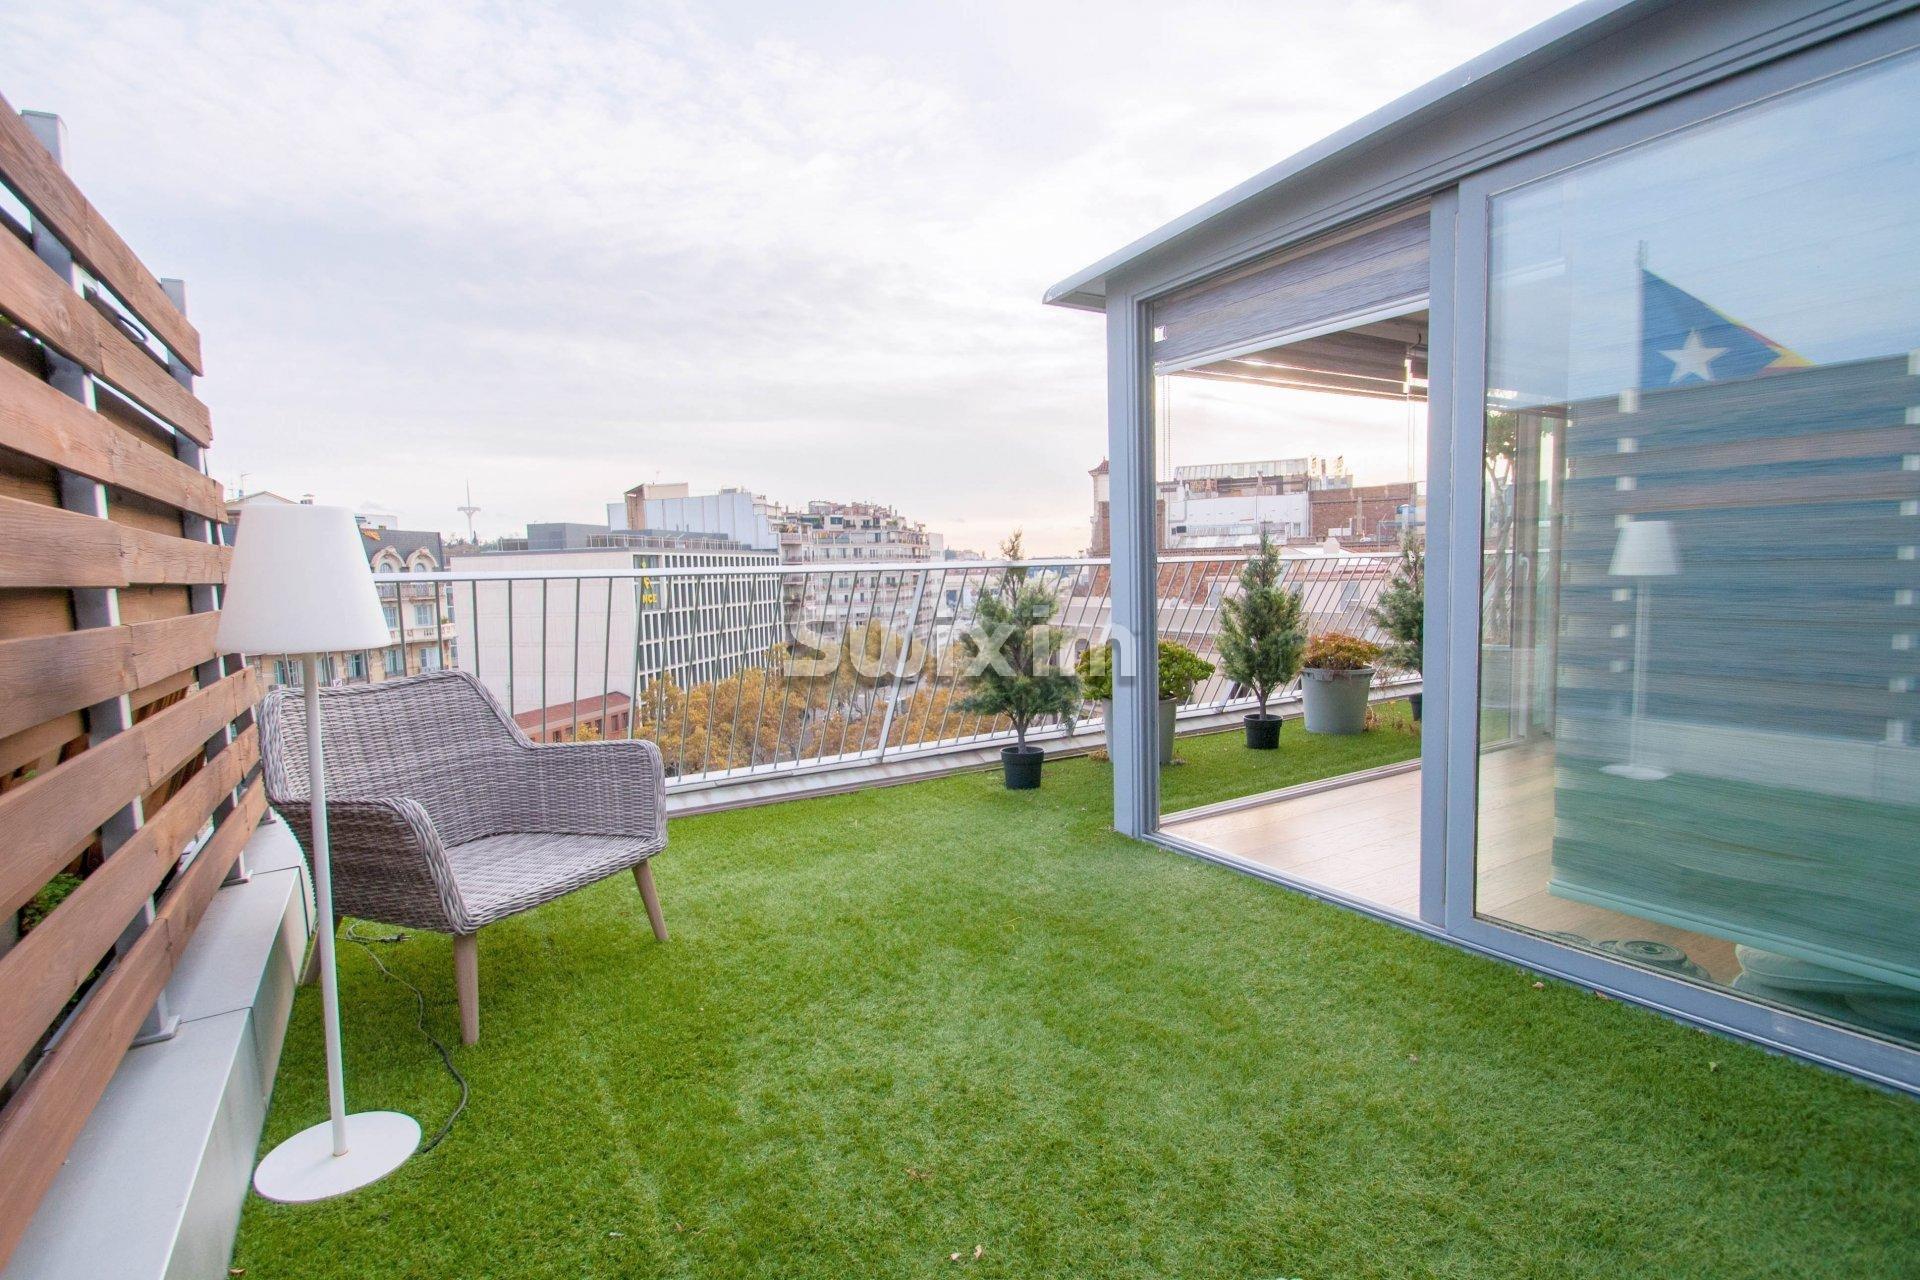 Penthouse en duplex avec vue imprenable sur la ville de Barcelone